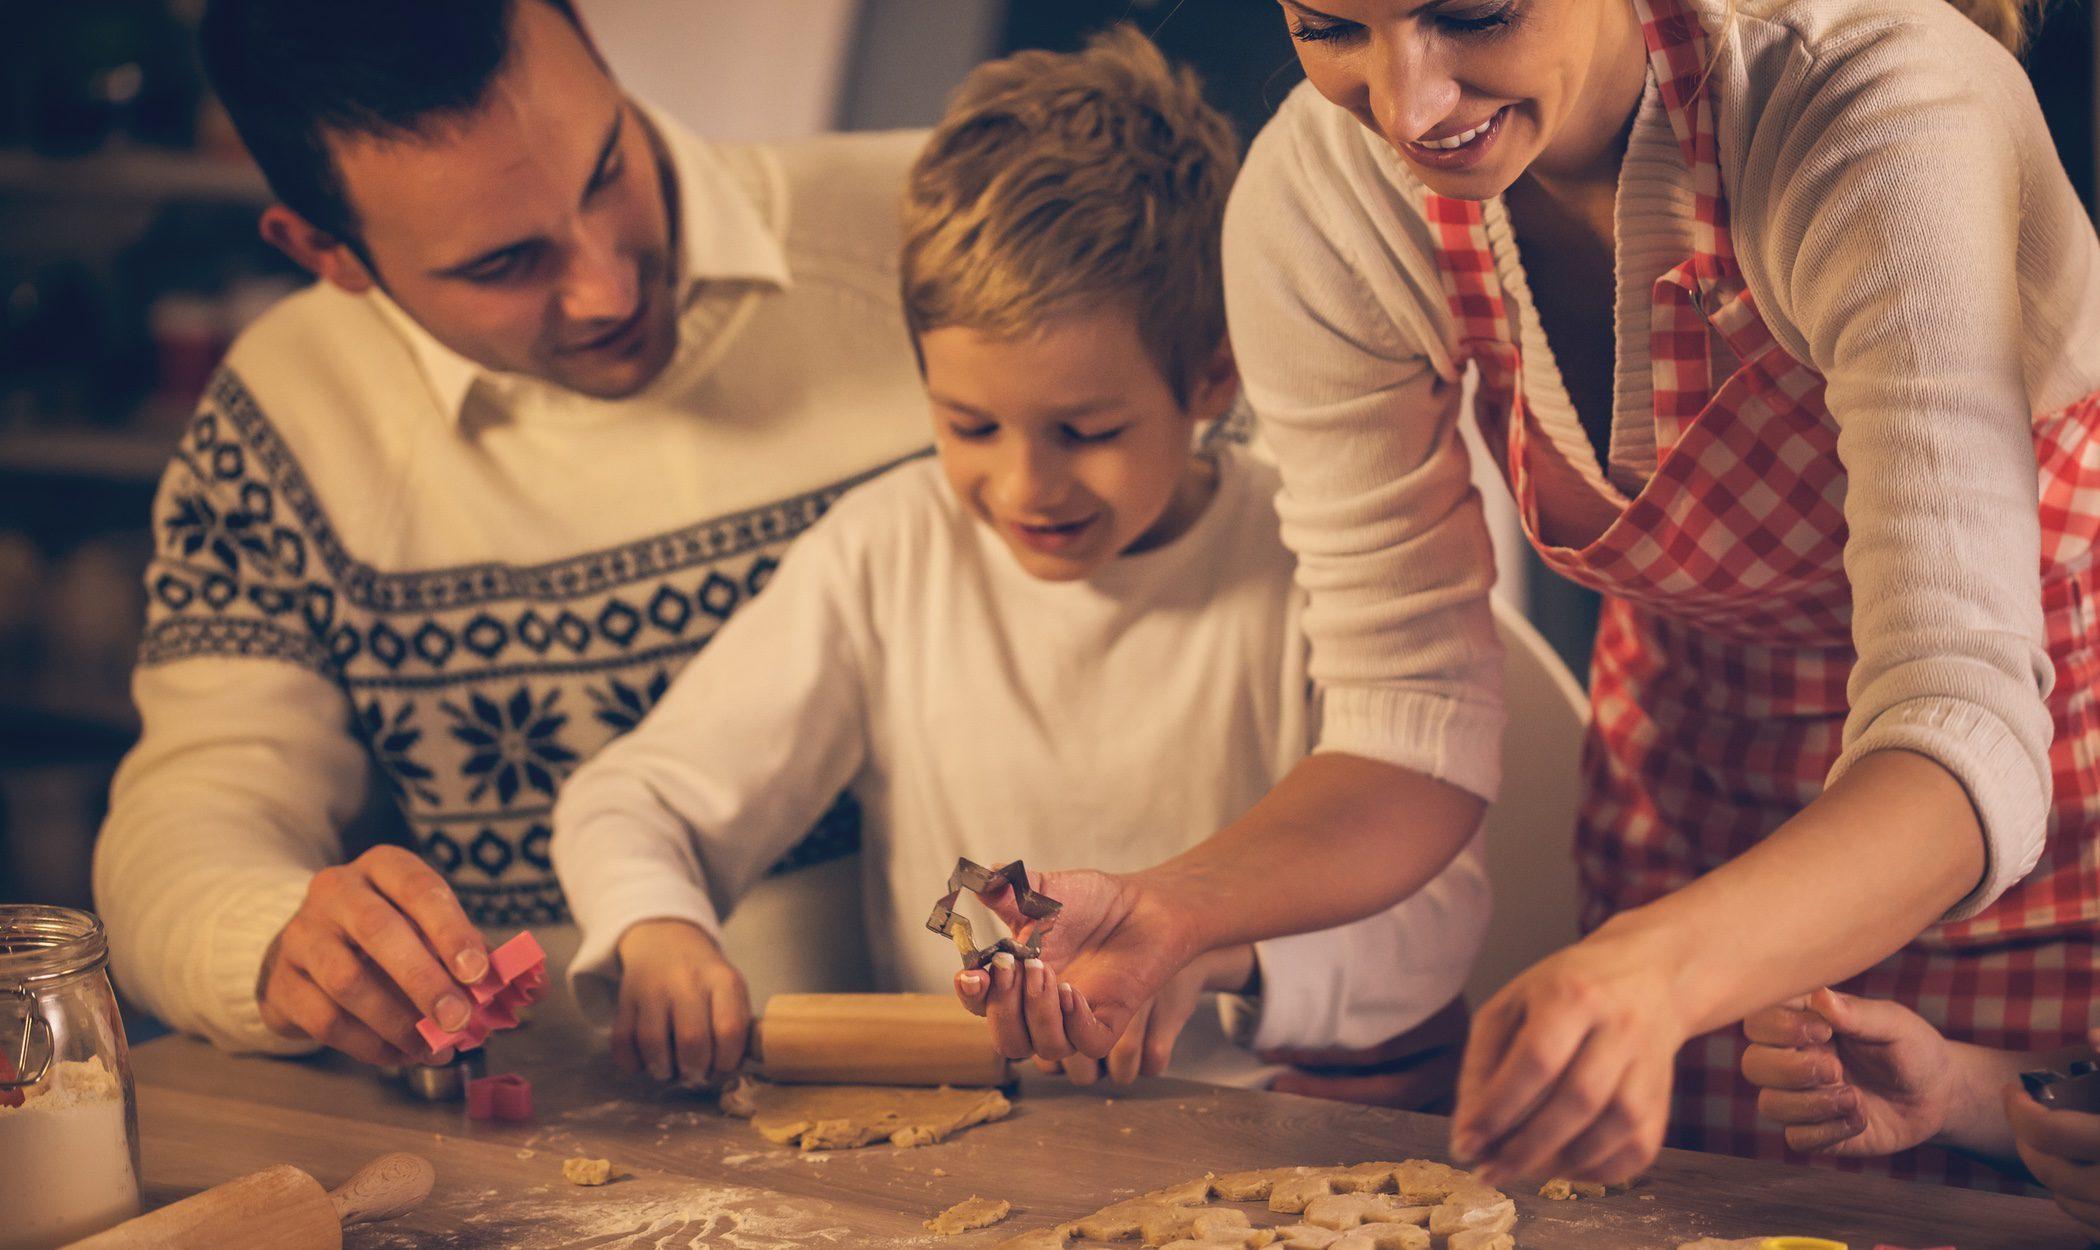 Otros dulces de los que disfrutar en Navidad si no te gusta el turrón